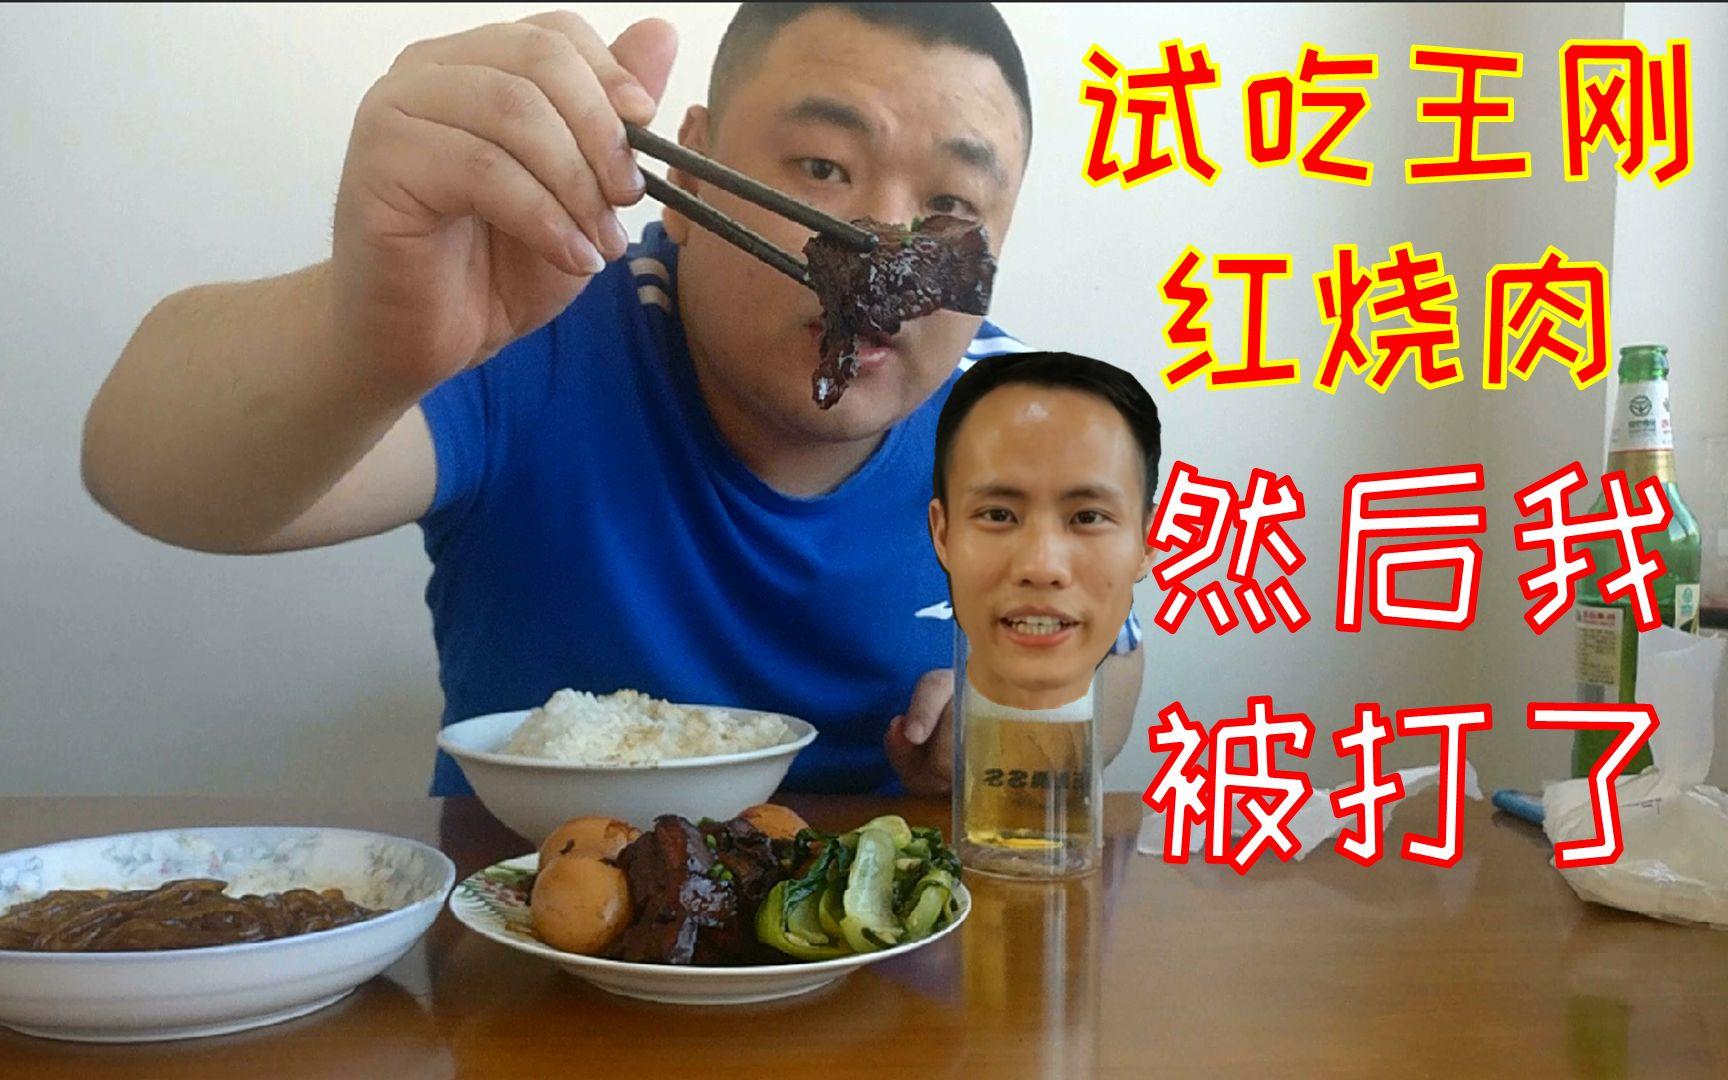 試吃美食作家王剛【紅燒肉】然后我被揍了一頓,肥而不膩 - YouTube